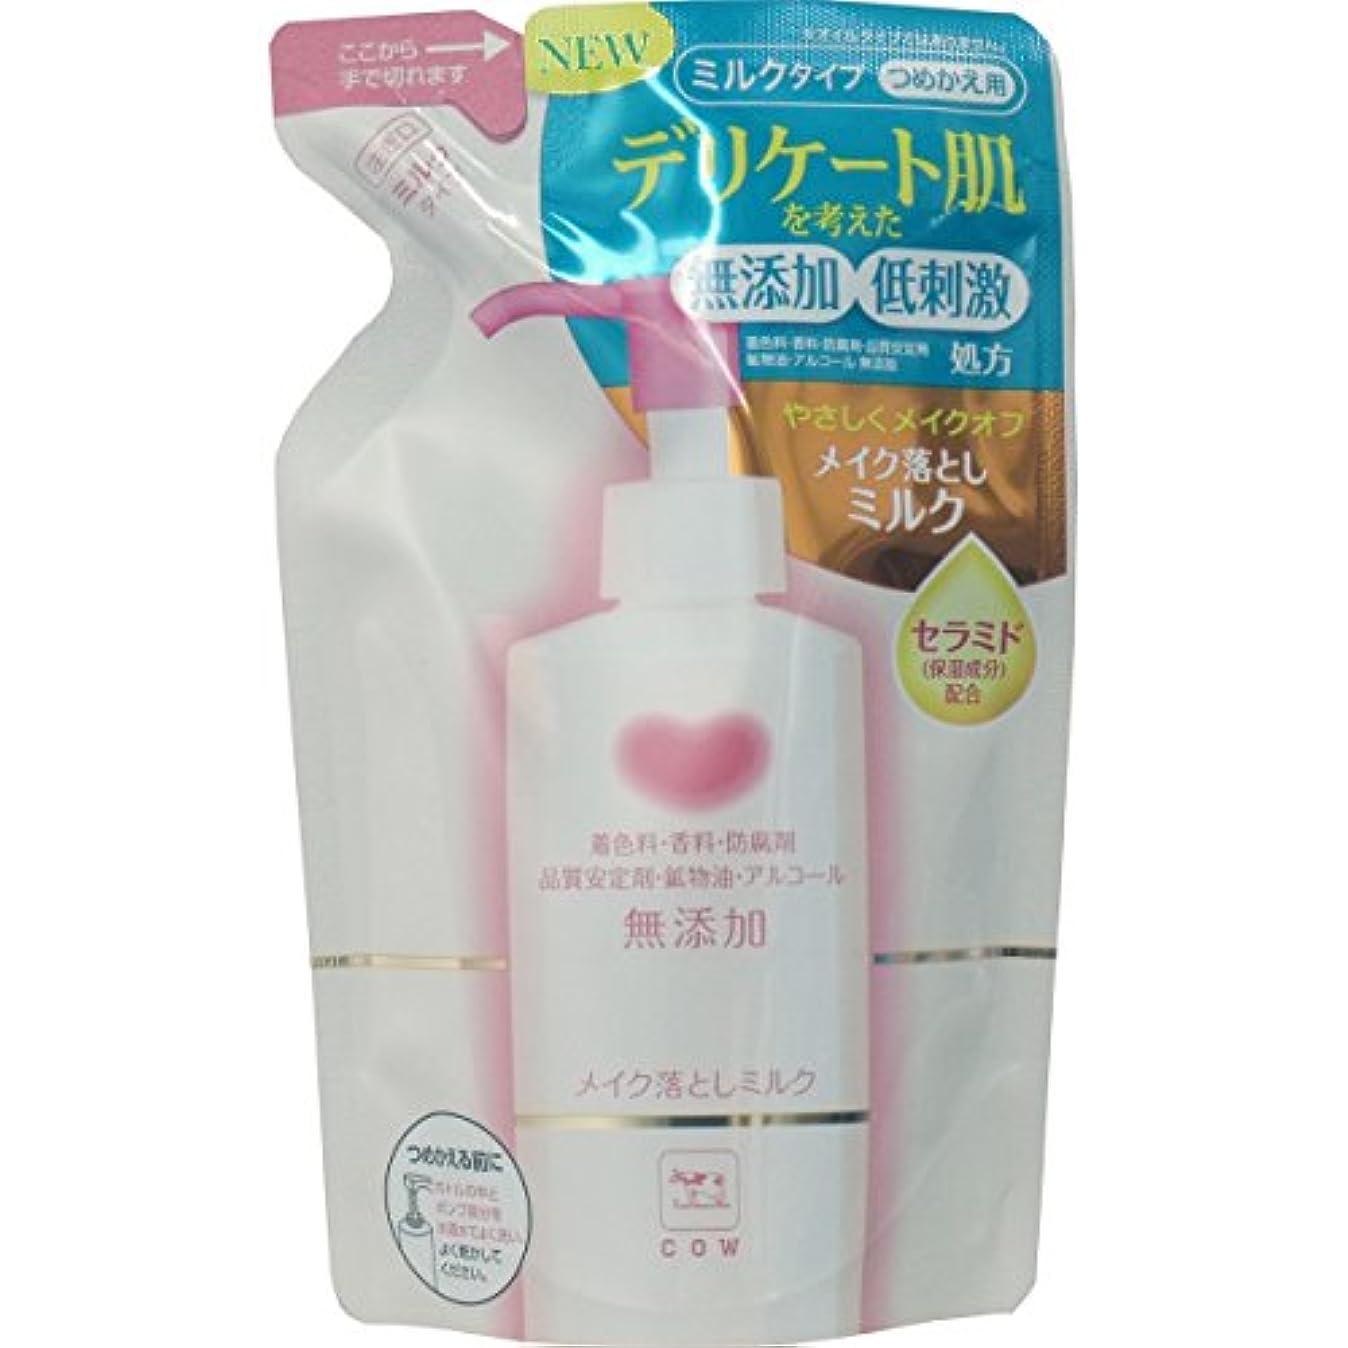 工場待って求める【牛乳石鹸共進社】カウ無添加 メイク落としミルク つめかえ用 130ml ×3個セット